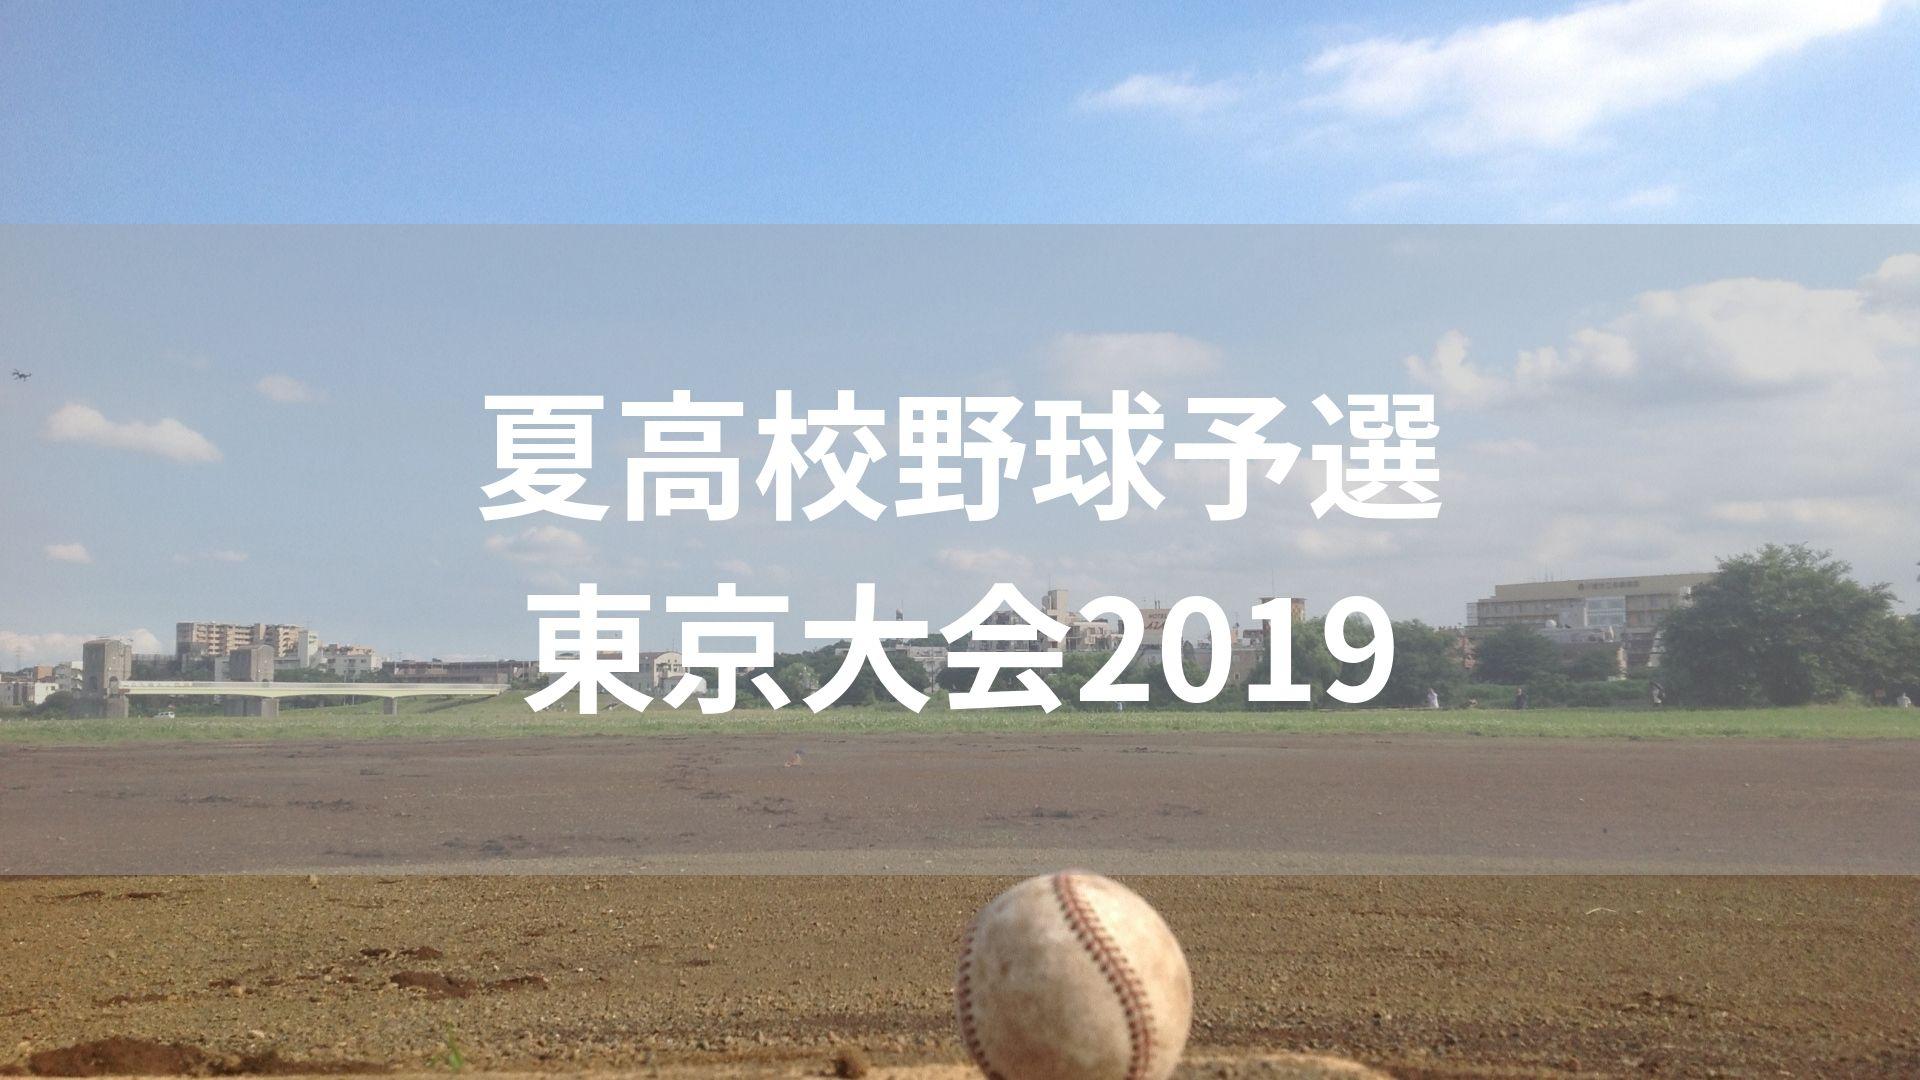 夏高校野球予選東京大会2019